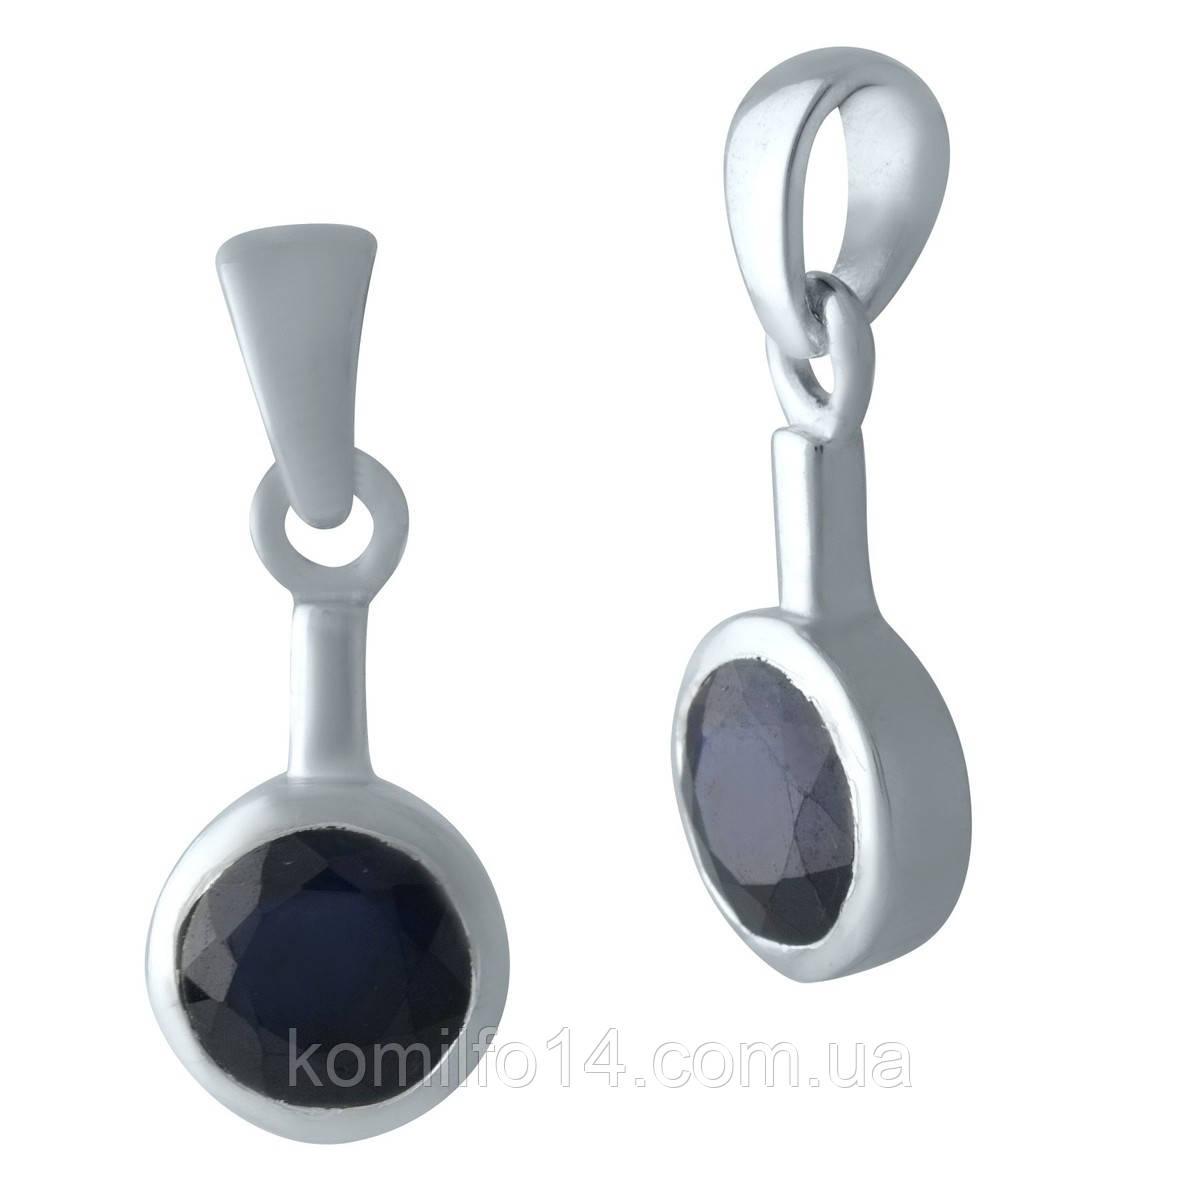 Серебряная подвеска Komilfo с сапфиром 1.088ct (2008989)